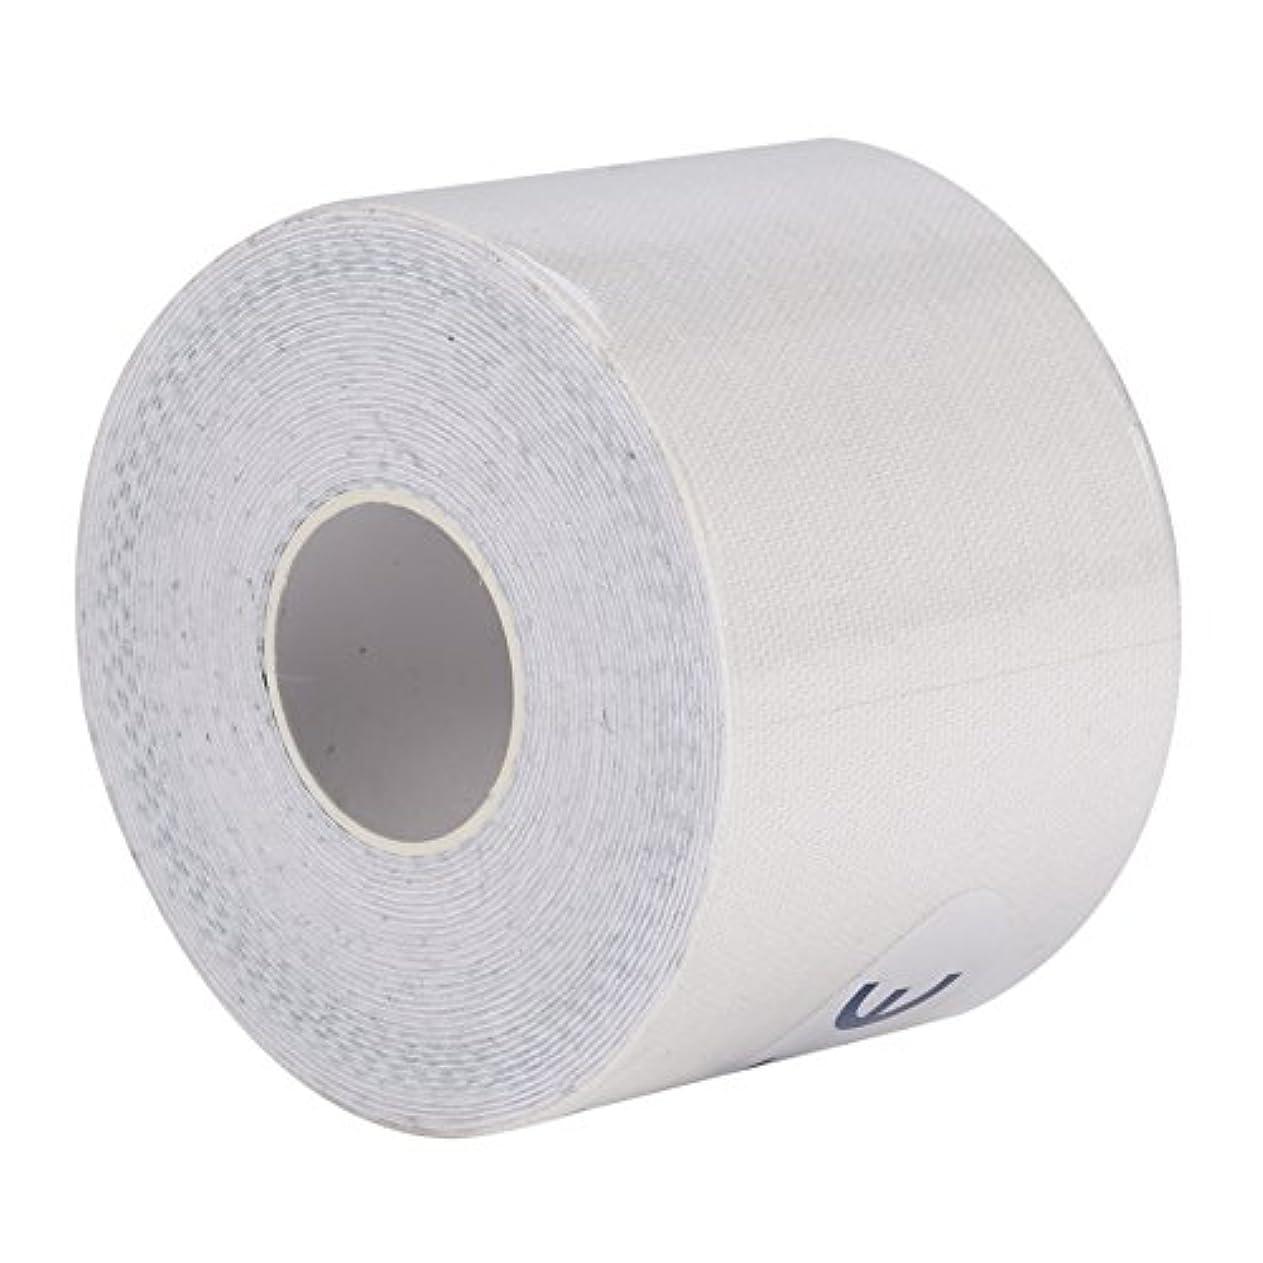 アレルギー性上に築きますレジデンスマッスルテープ、マッスルテープロール弾性接着剤スポーツ痛みケア健康綿包帯傷害サポート(5cm*5m)